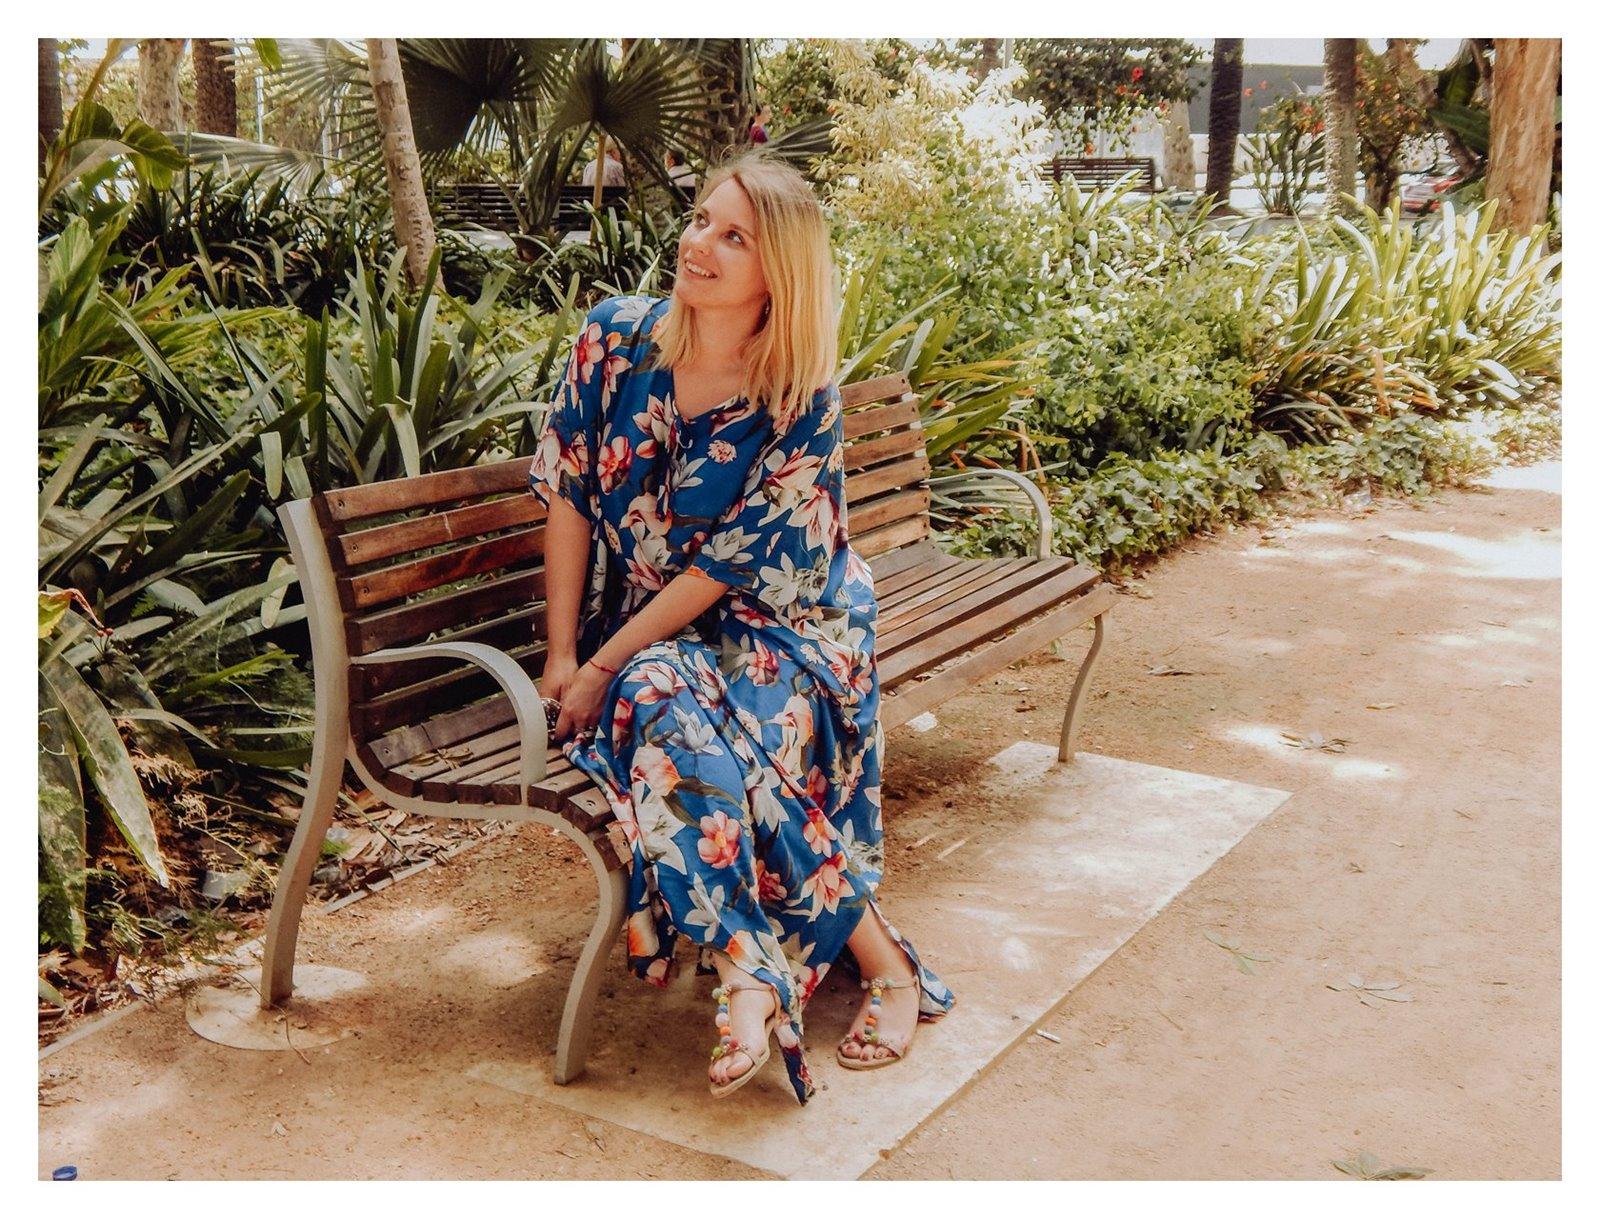 6 polskie młode marki firmy godne uwagi moda modowe marki łódź blog blogerka blogerzy z łodzi fashion zero waste jak żyć ubrania moda stylizacje modnapolka inspiracje sukienka maxi nalu bodywear instagram style melody